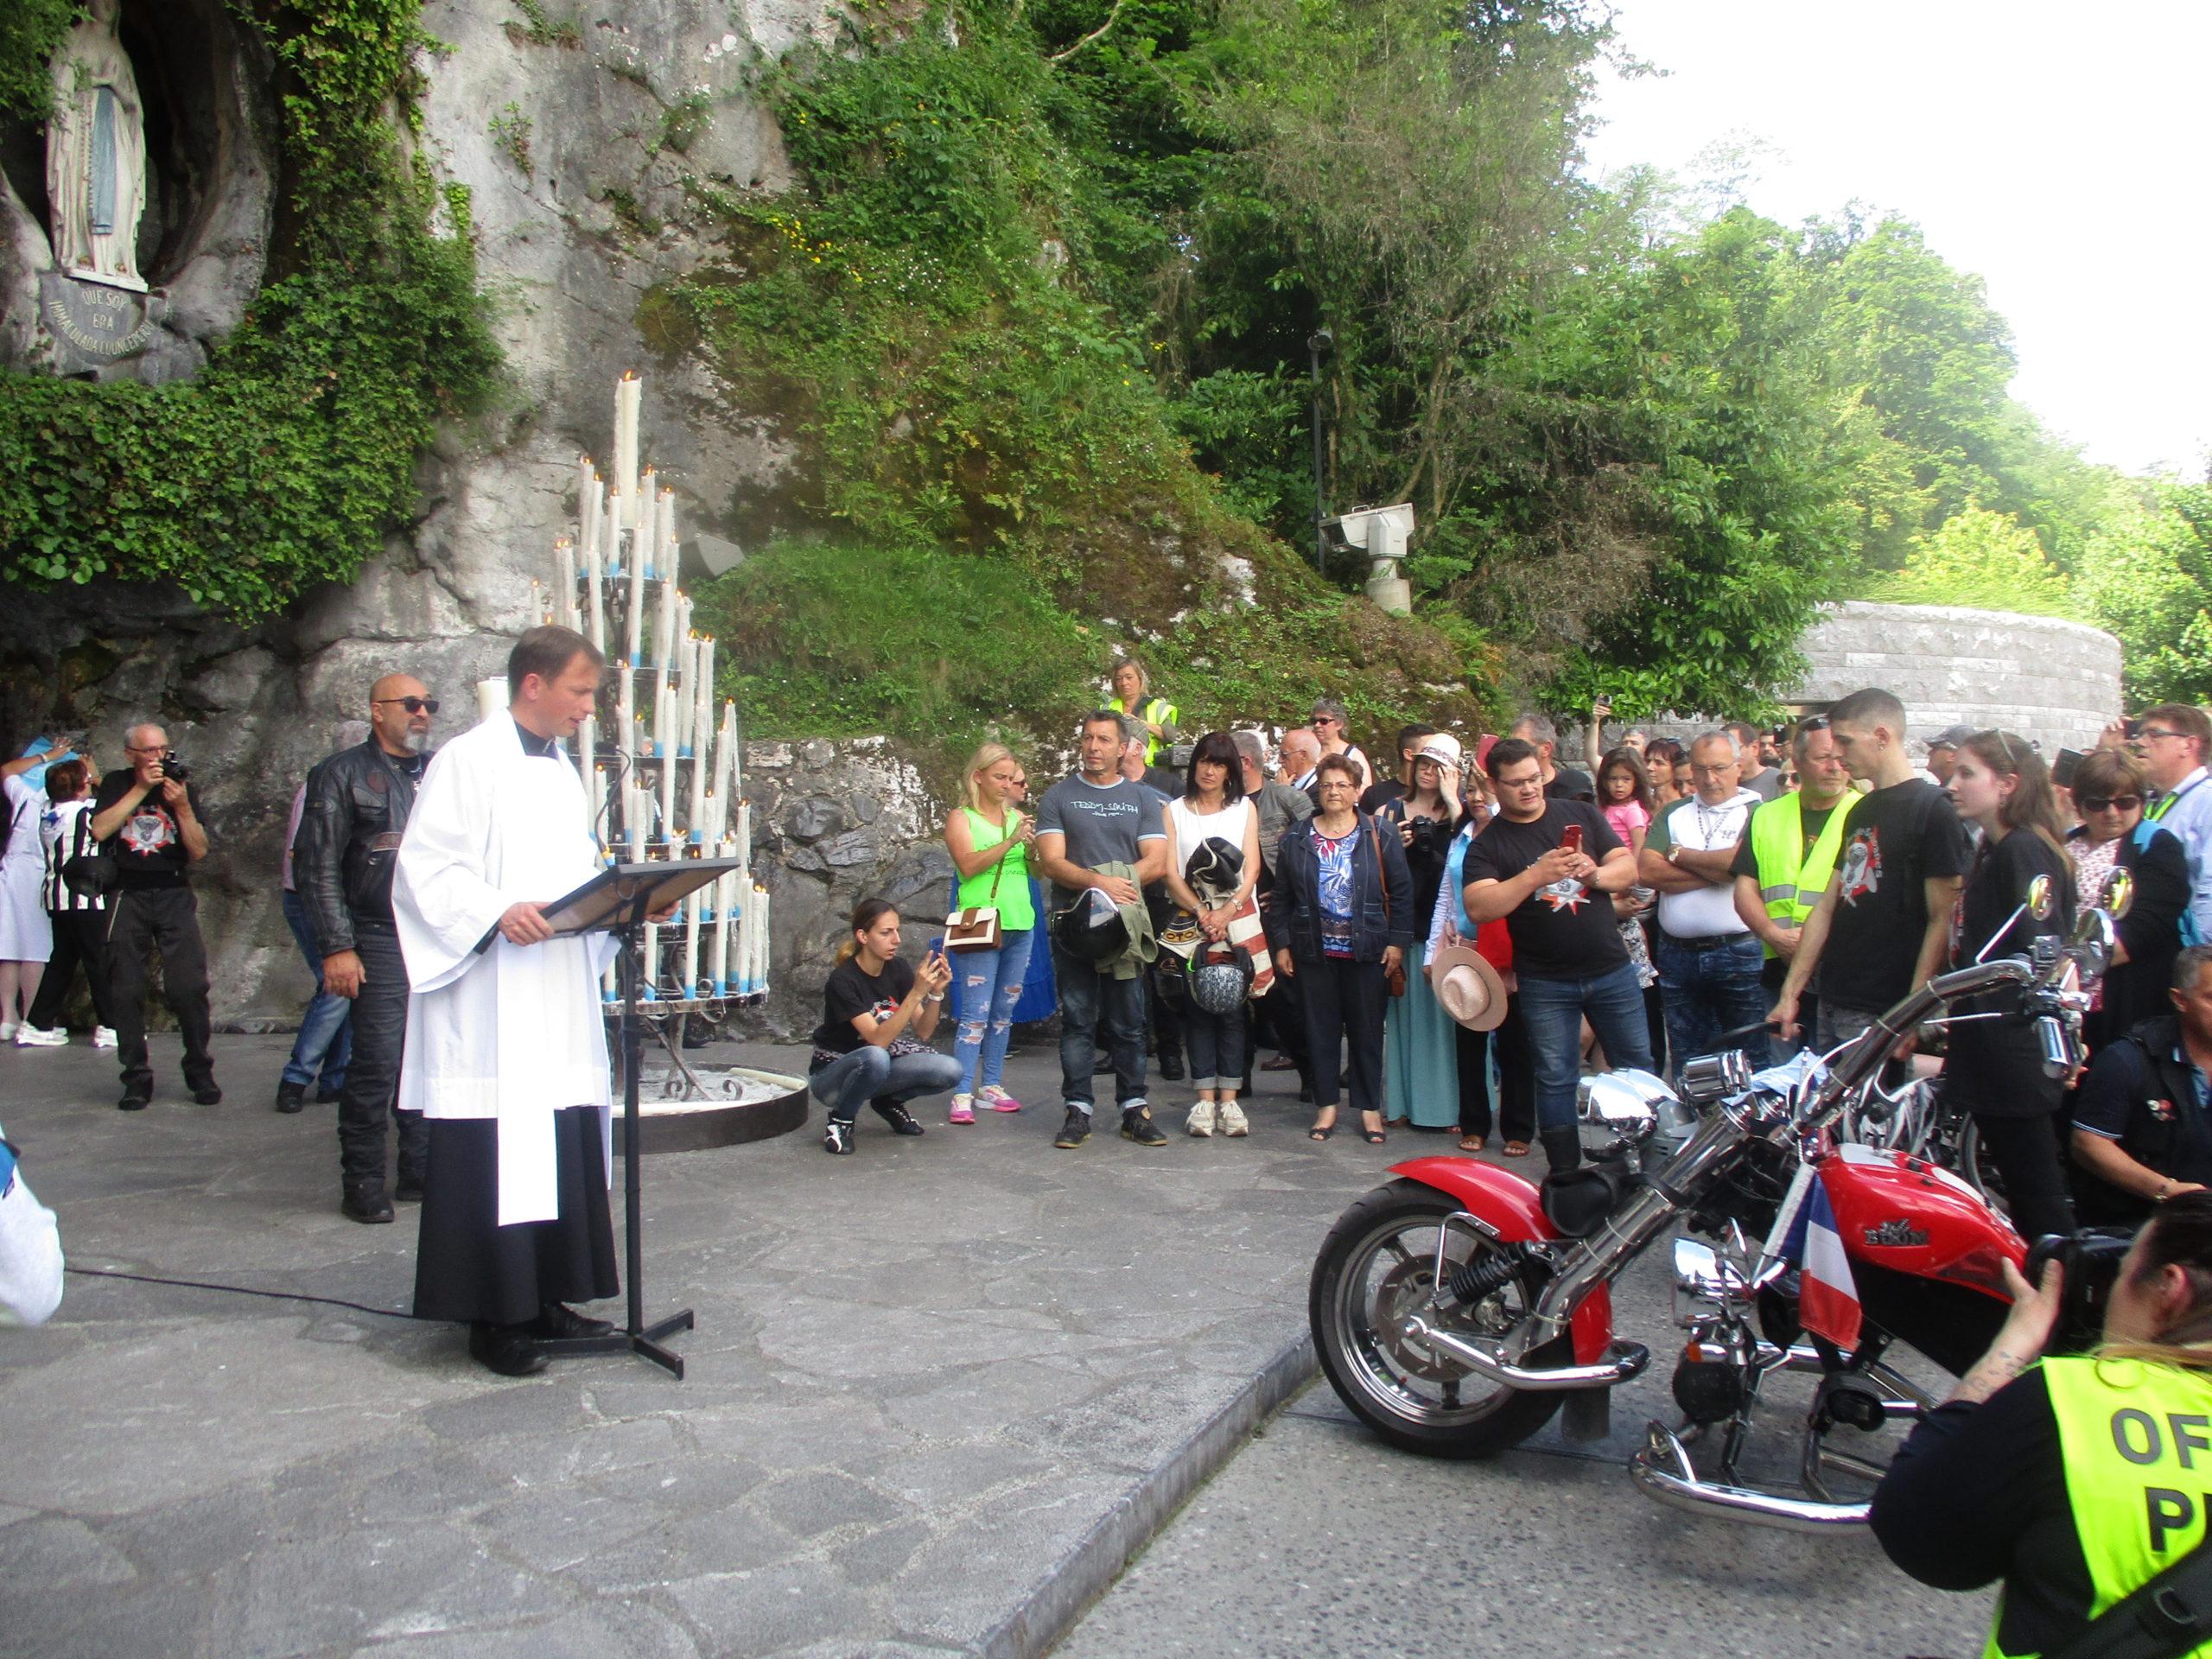 Lourdes : le 30ème Pélerinage des motards prévu initialement les 20 et 21 Juin est reporté au 26 et 27 Septembre 2020